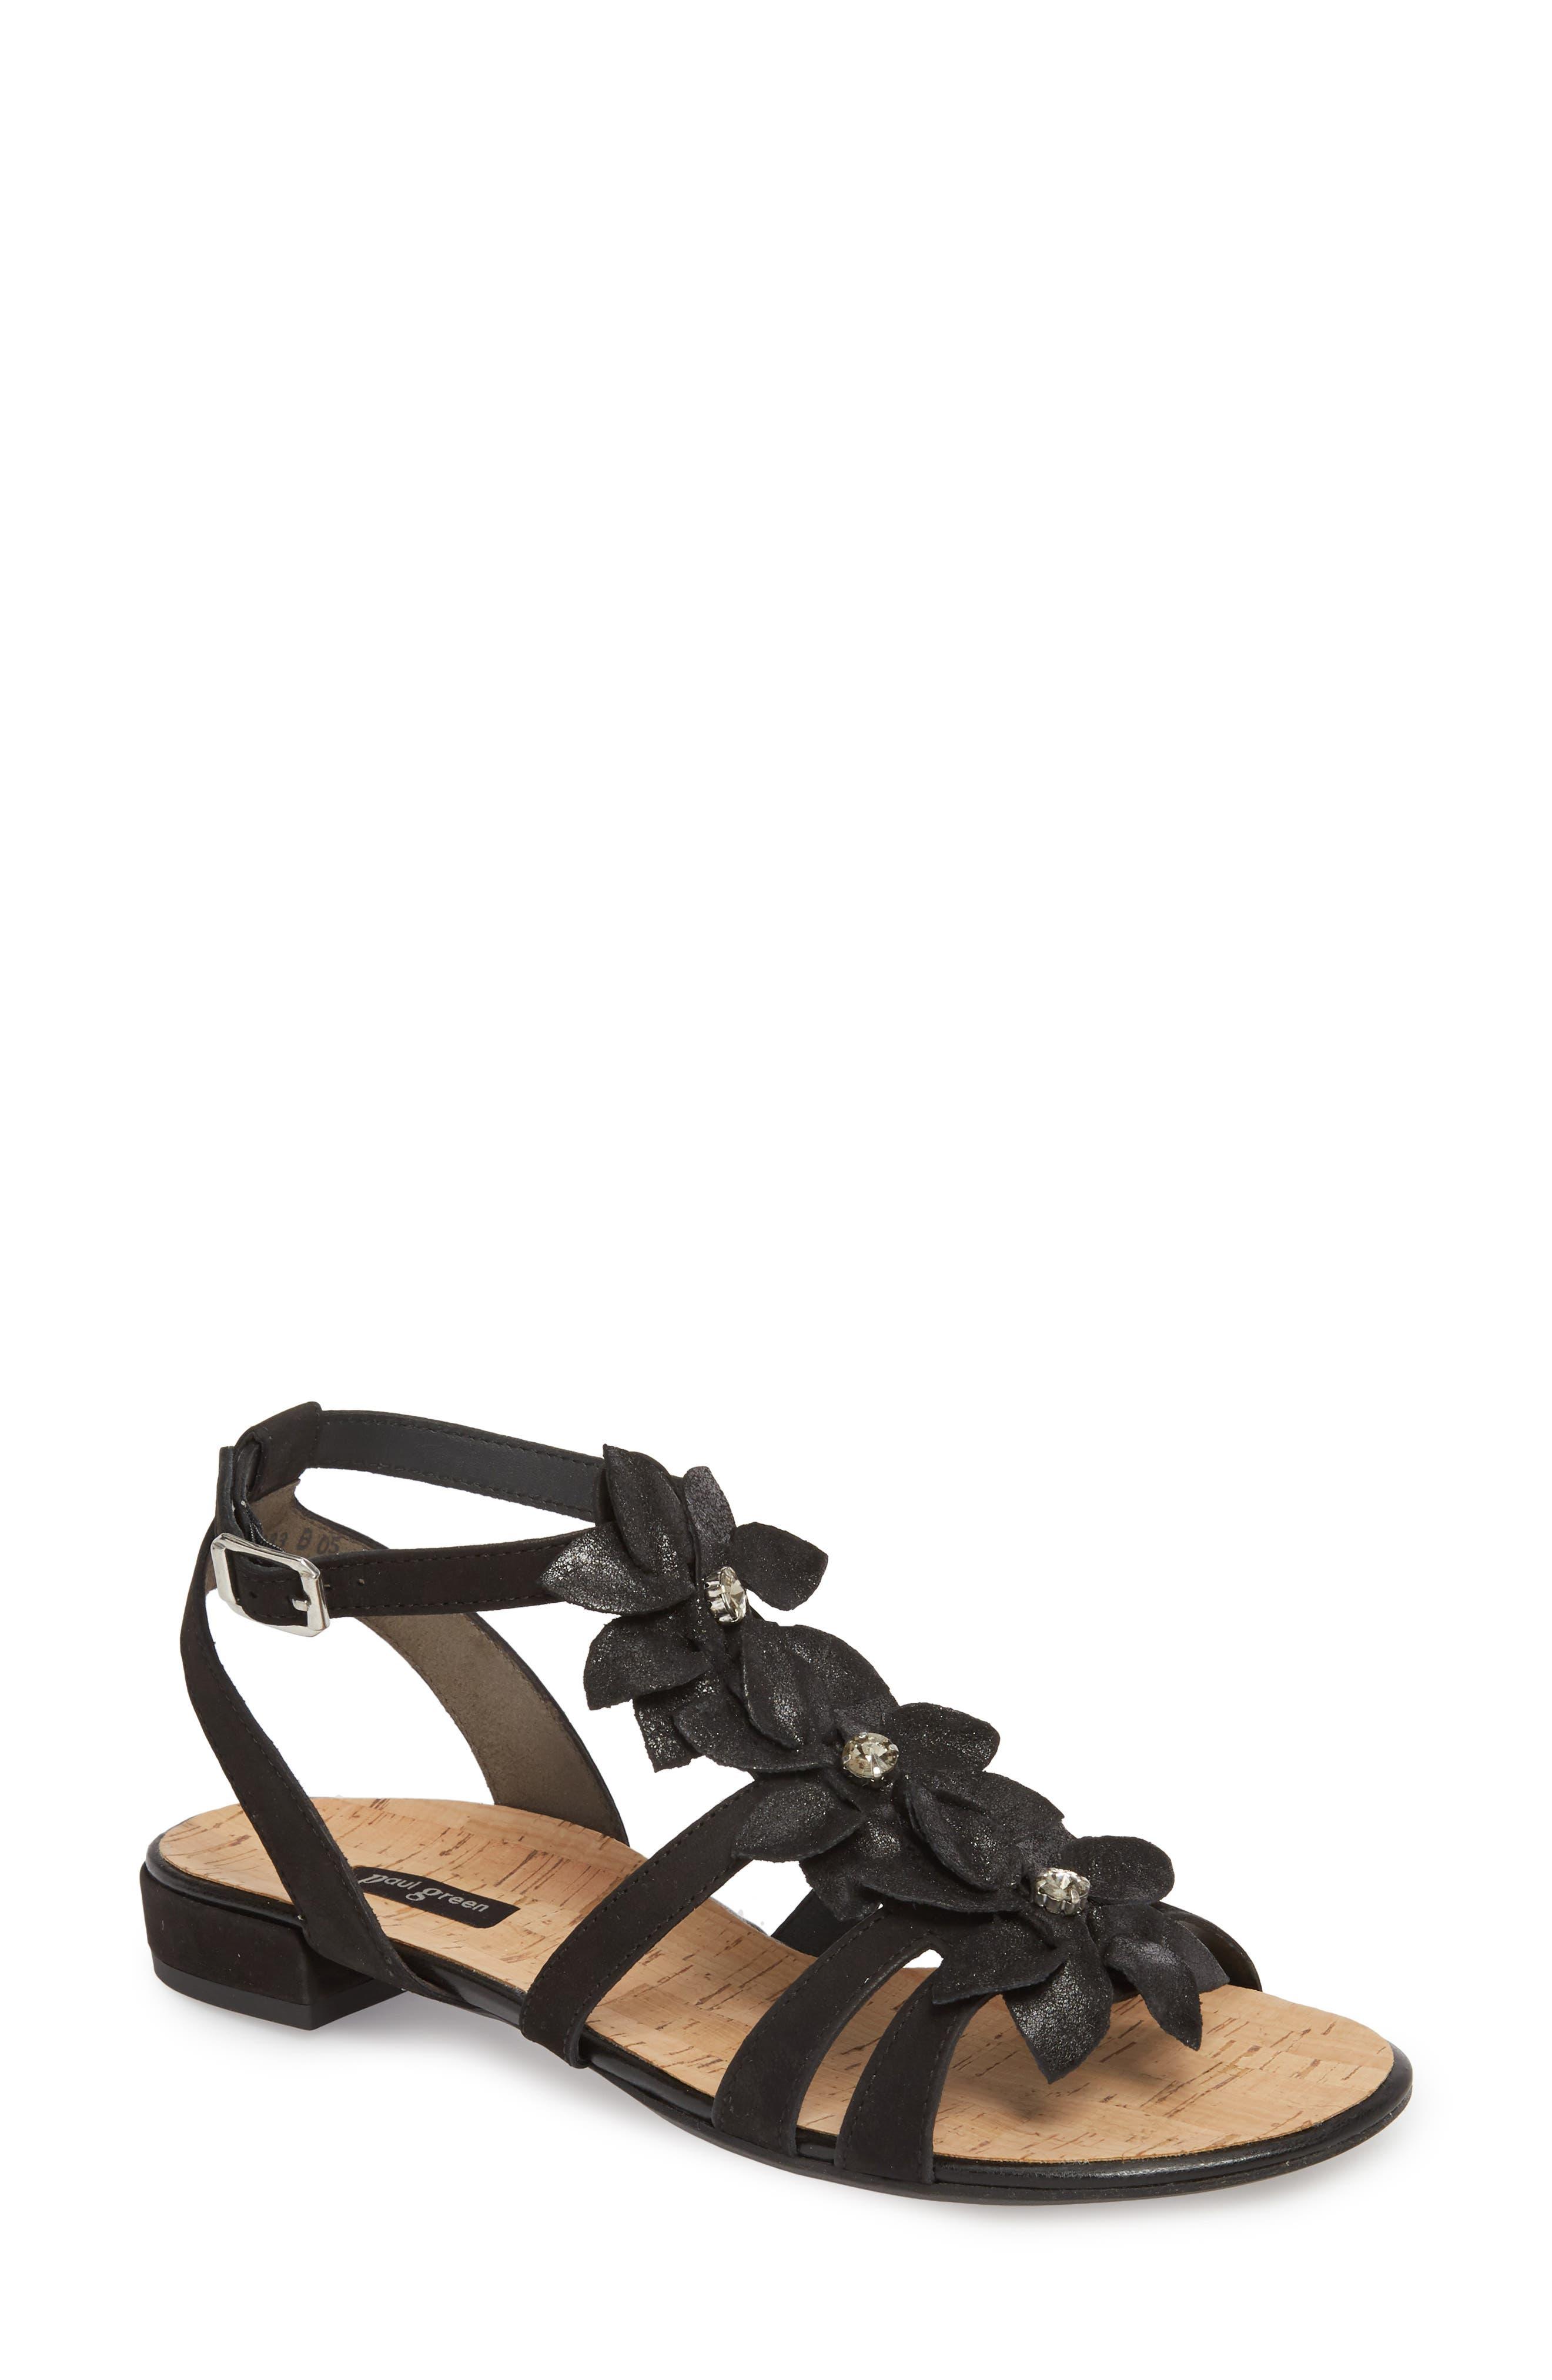 Roma Sandal,                             Main thumbnail 1, color,                             Black Nubuck